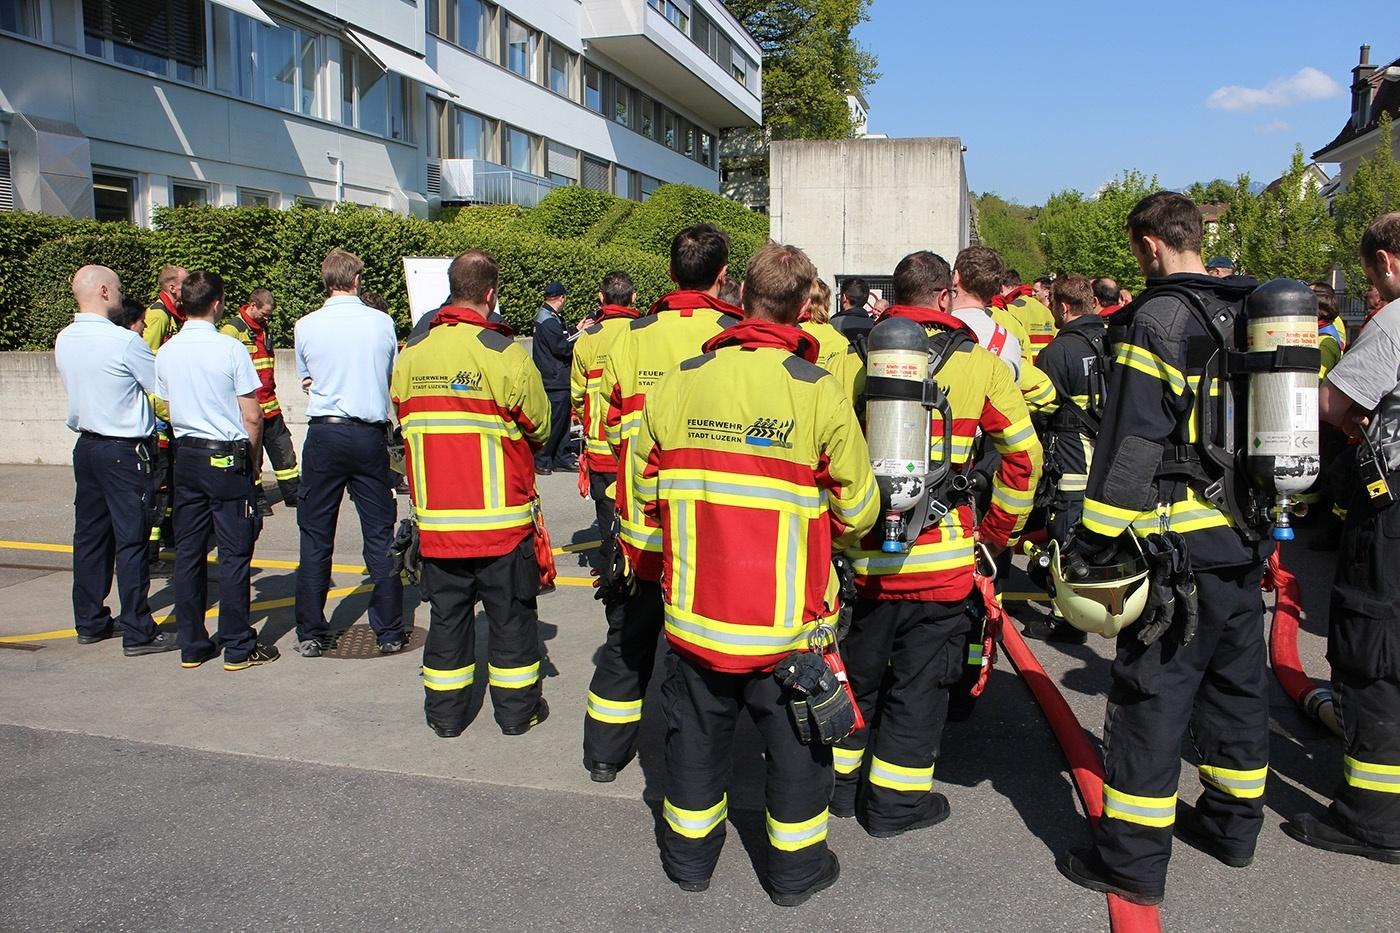 feuerwehrbung - Feuerwehrubungen Beispiele